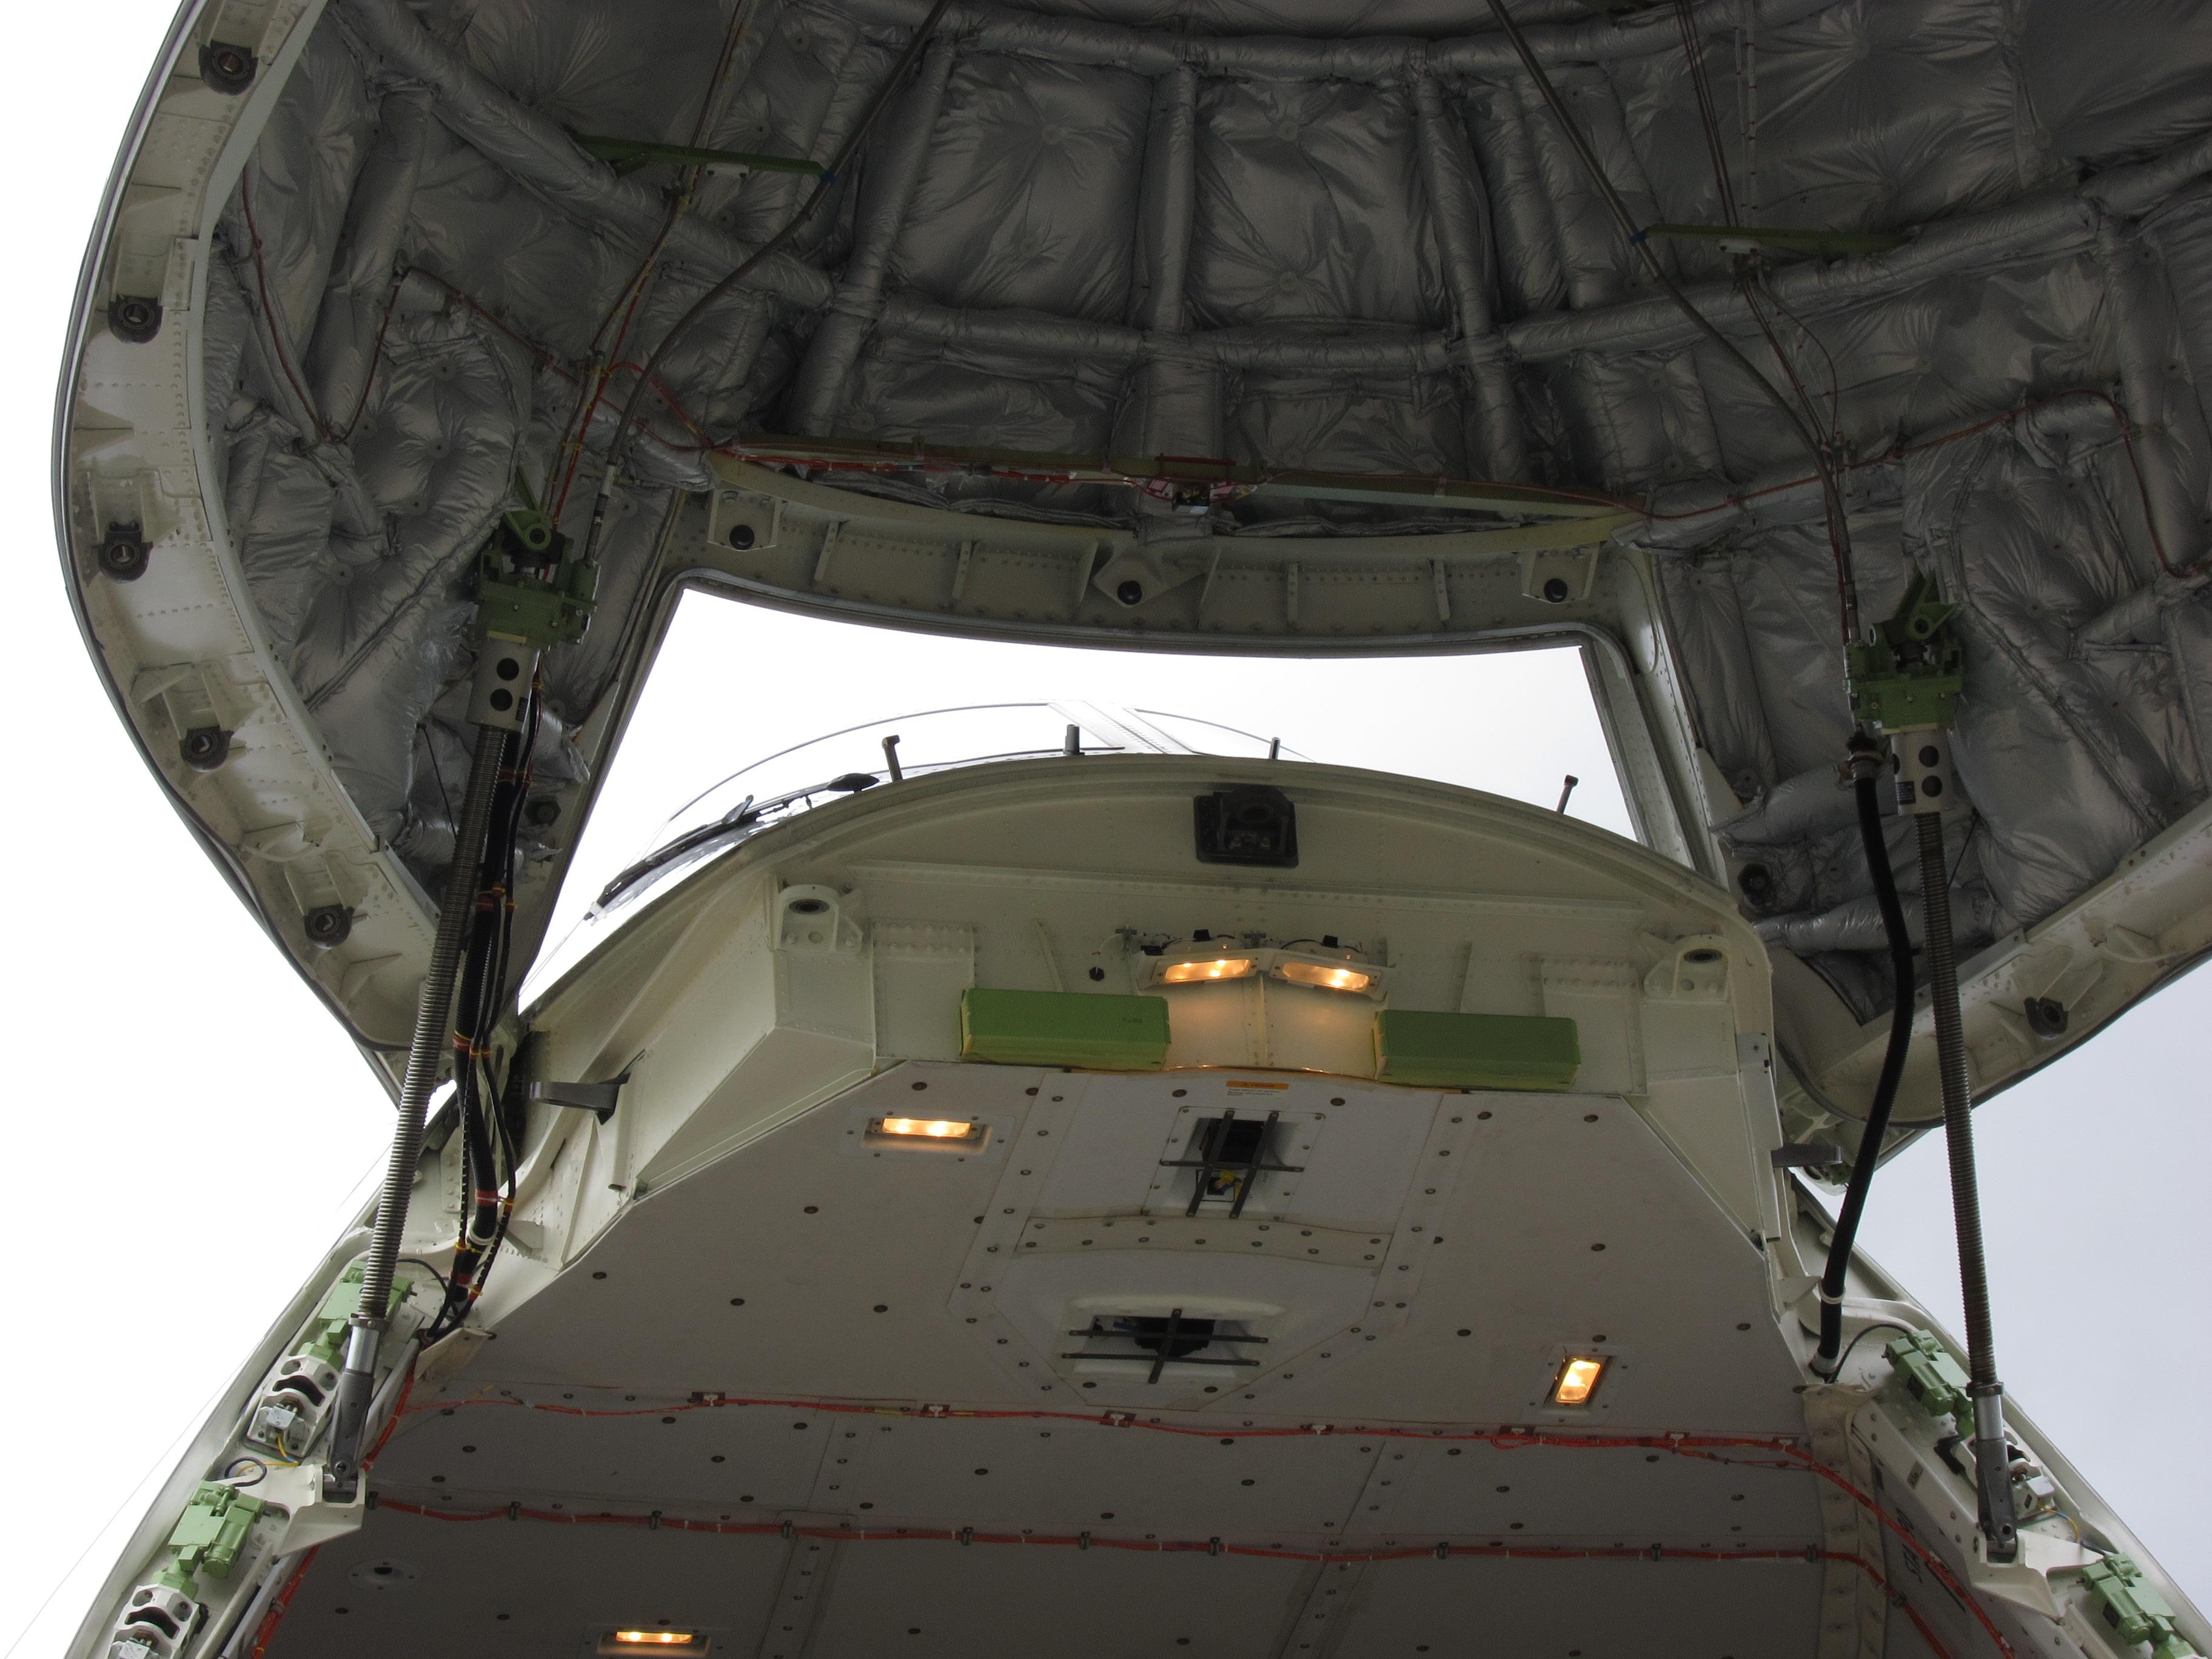 FileDetail of raised nose cargo door of Boeing 747-8F.jpg & File:Detail of raised nose cargo door of Boeing 747-8F.jpg ...